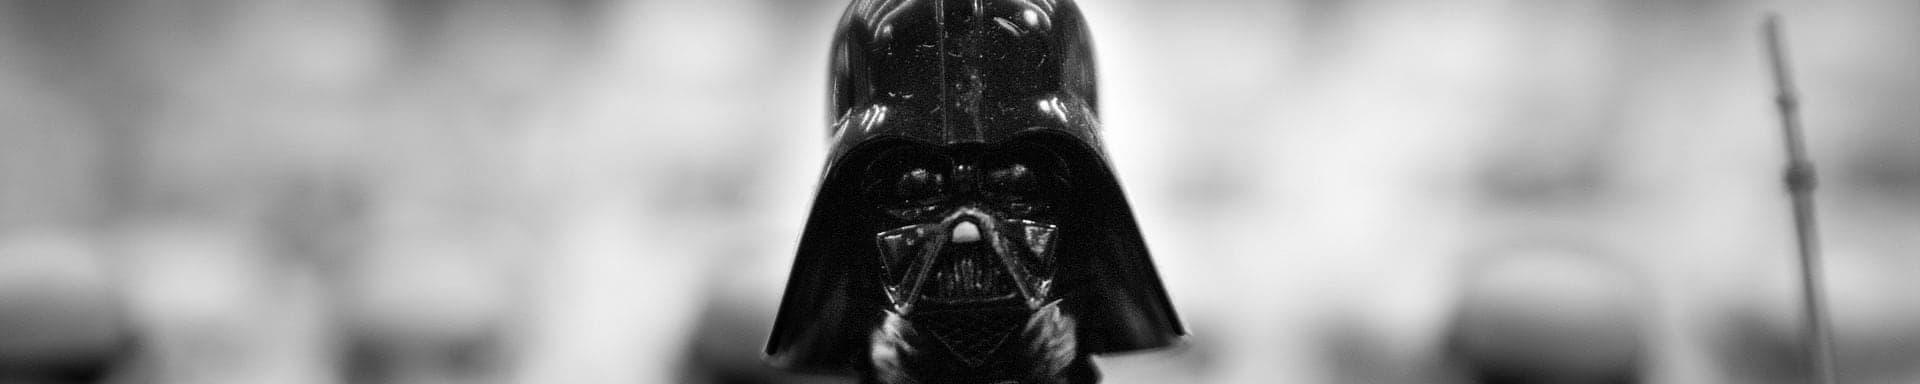 9 maneiras estranhas de tocar Imperial March do Star Wars